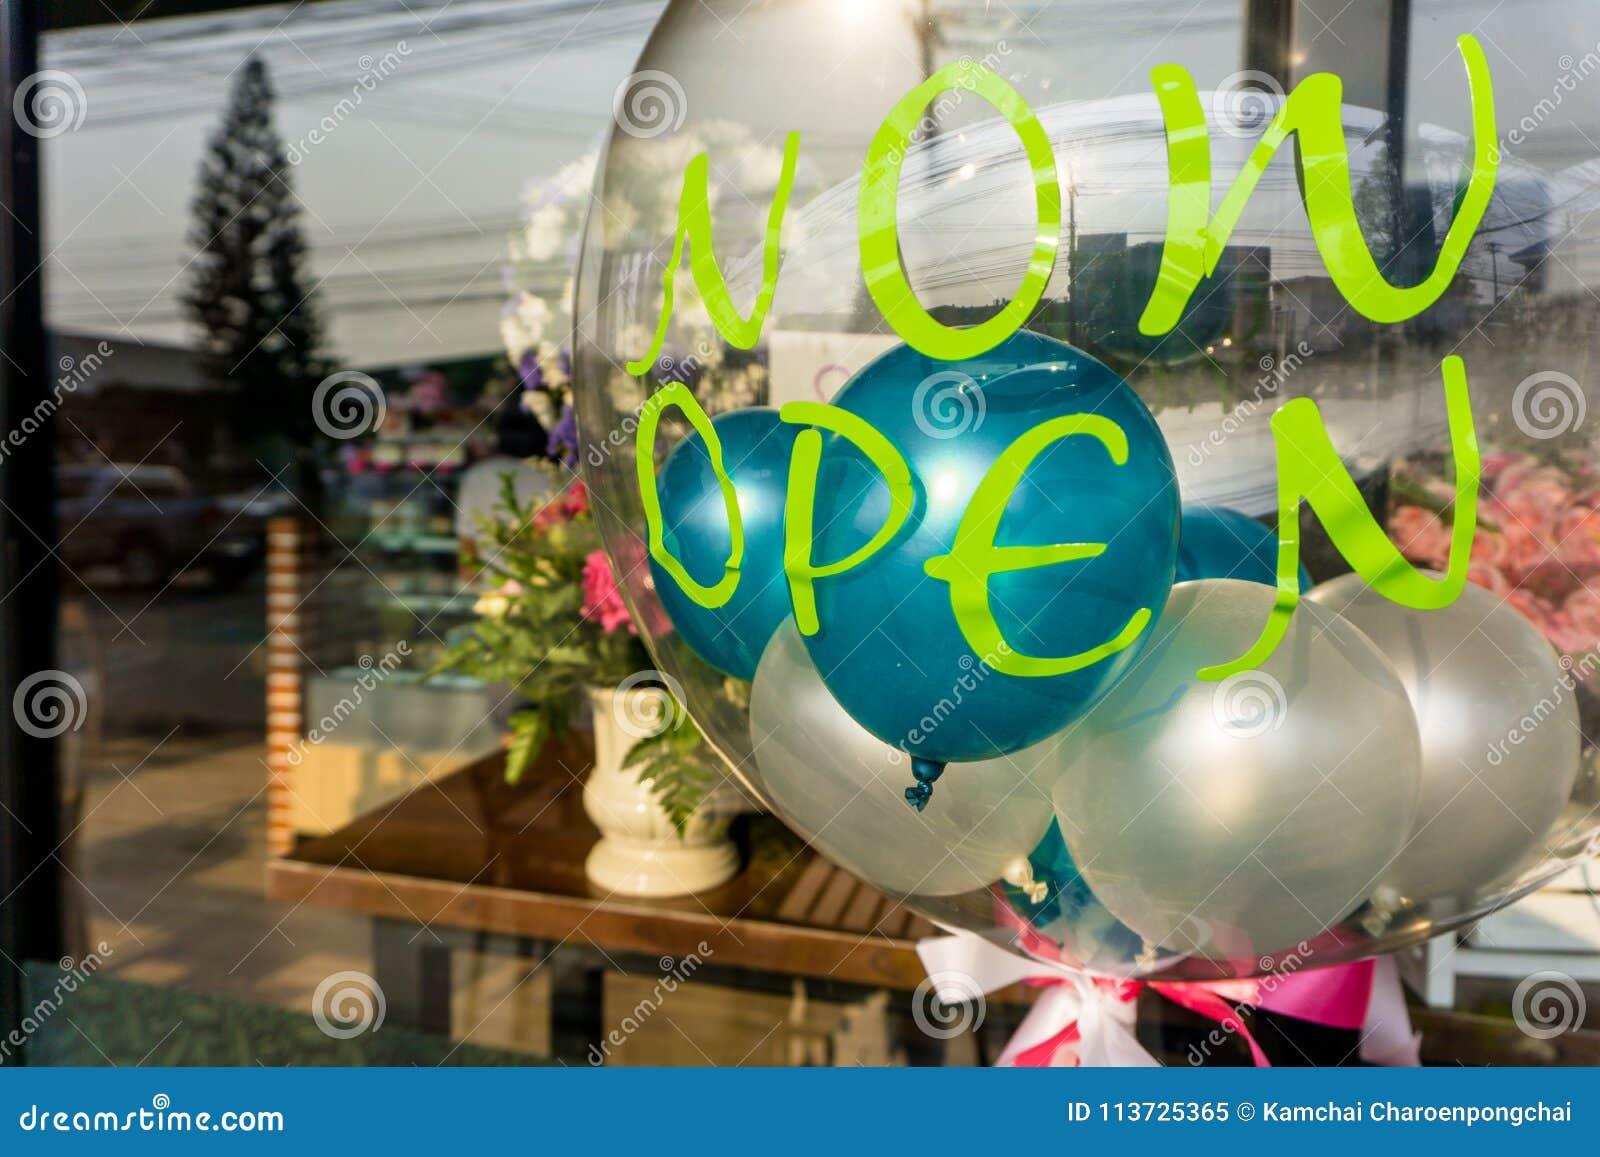 ` Nu Open `-sticker op transparante ballon met andere kleine kleurrijke binnen ballons